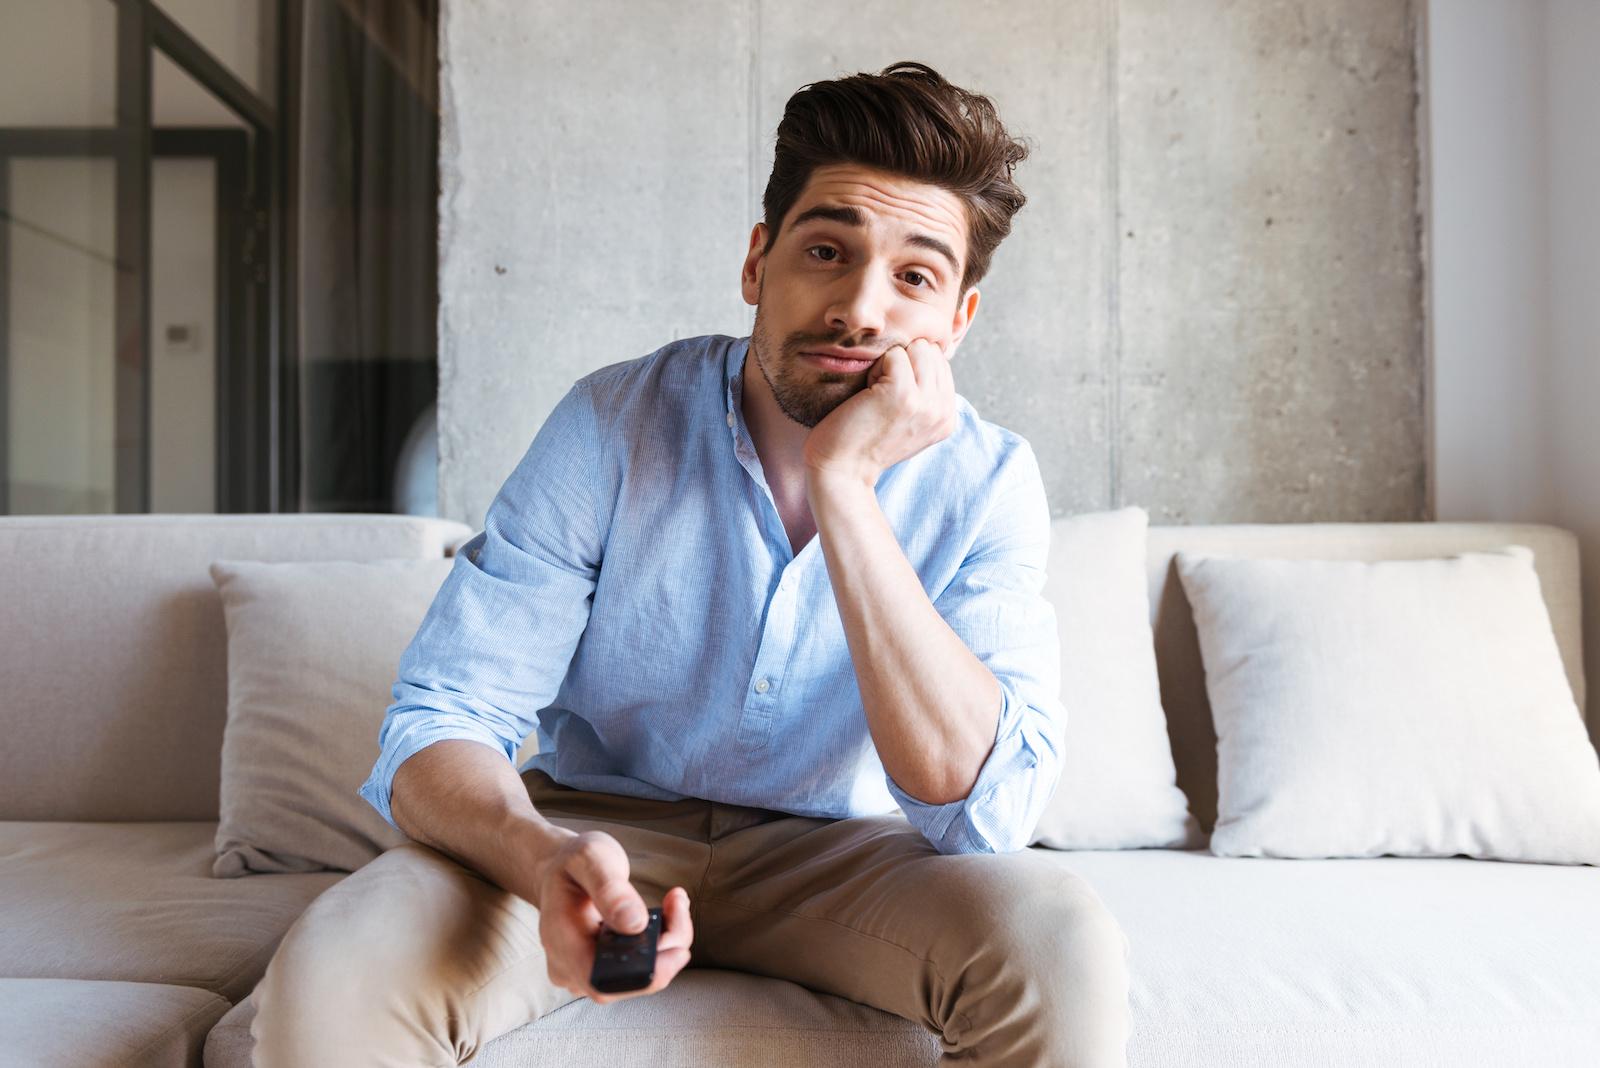 Co robić w domu? Sposoby na zabicie nudy w czasie kwarantanny